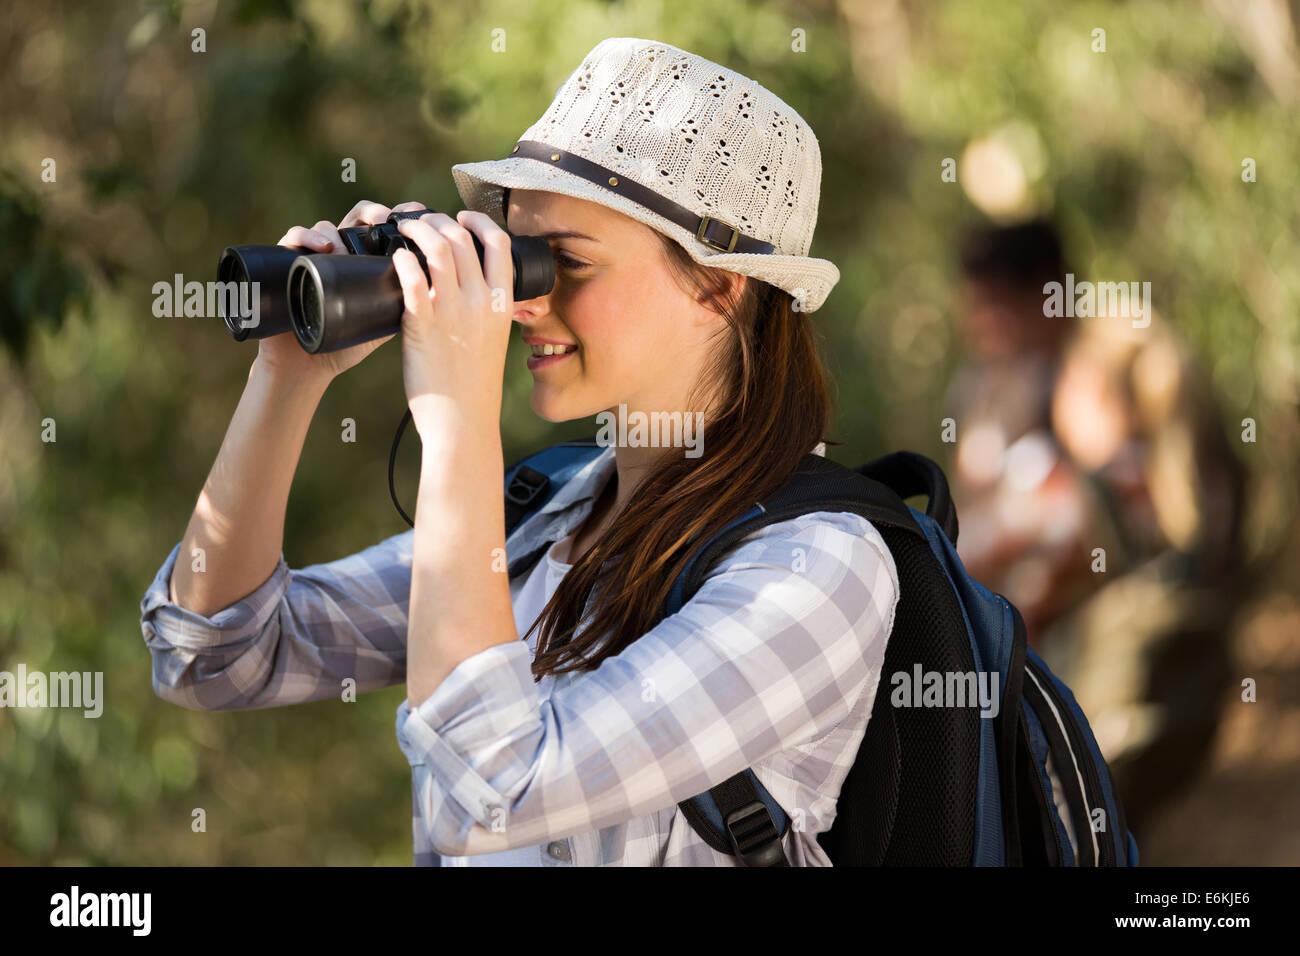 Fröhliche junge frau mit fernglas vogelbeobachtung im wald